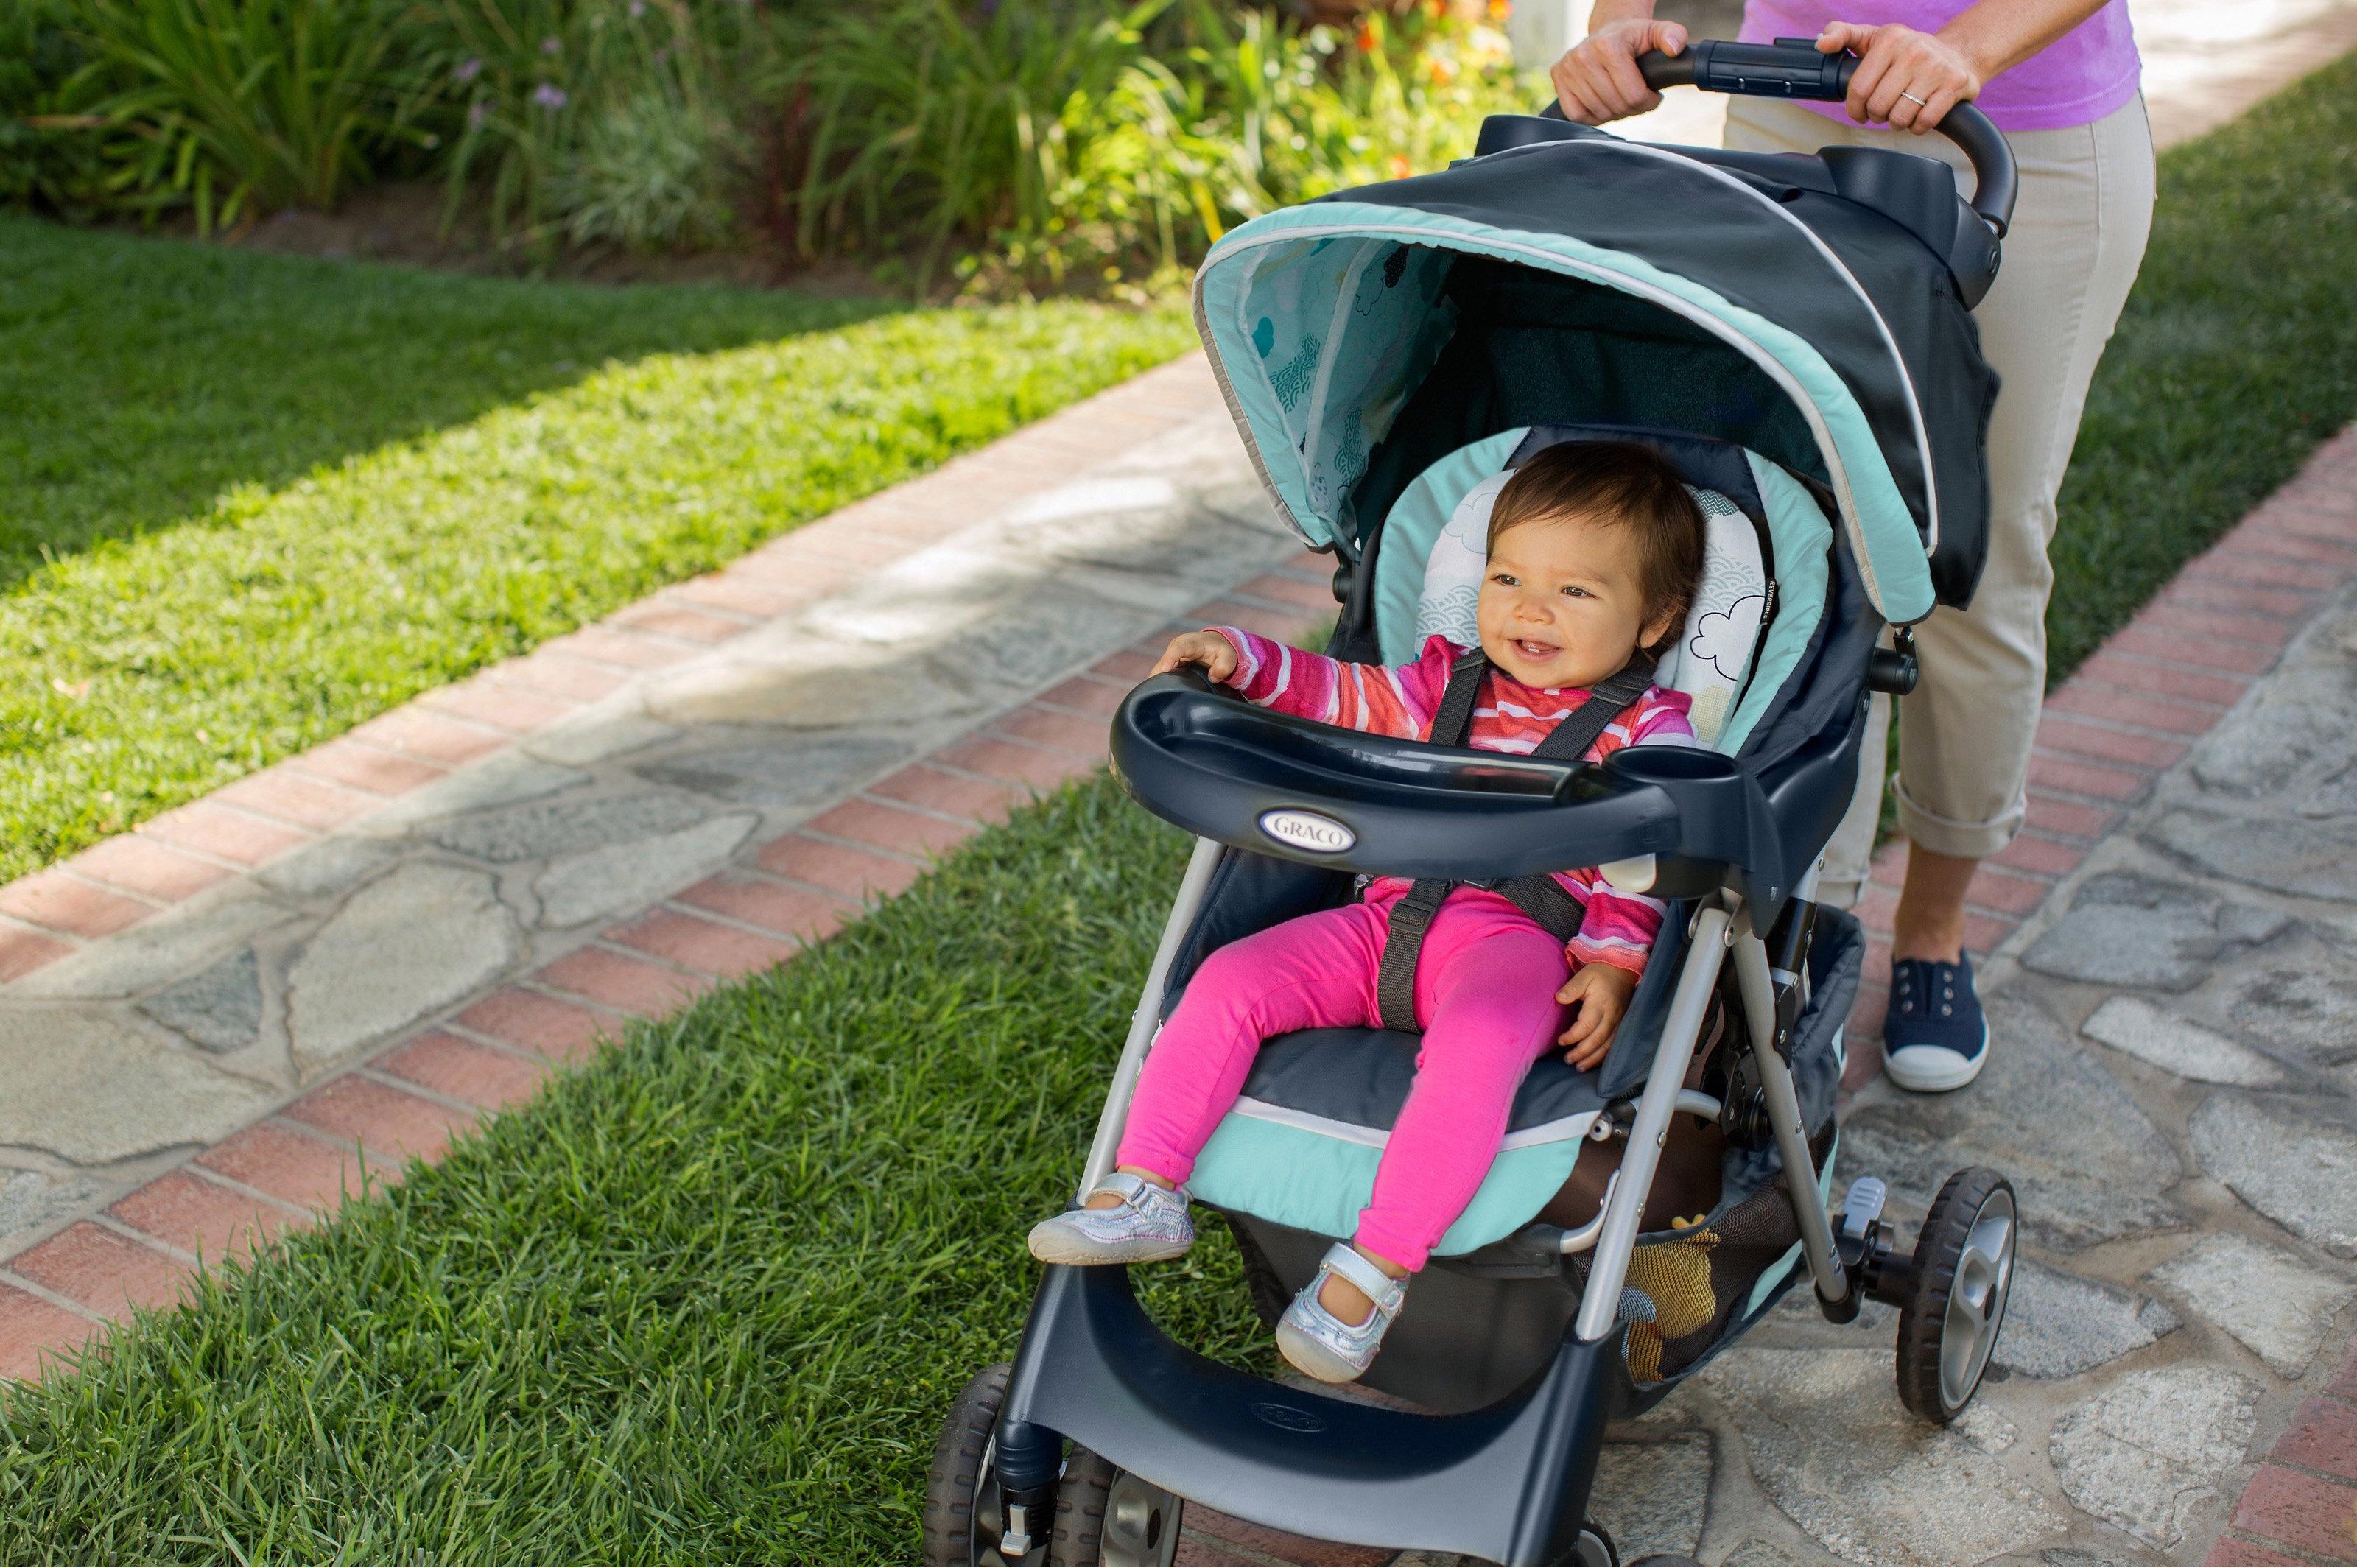 Graco Comfy Cruiser Stroller